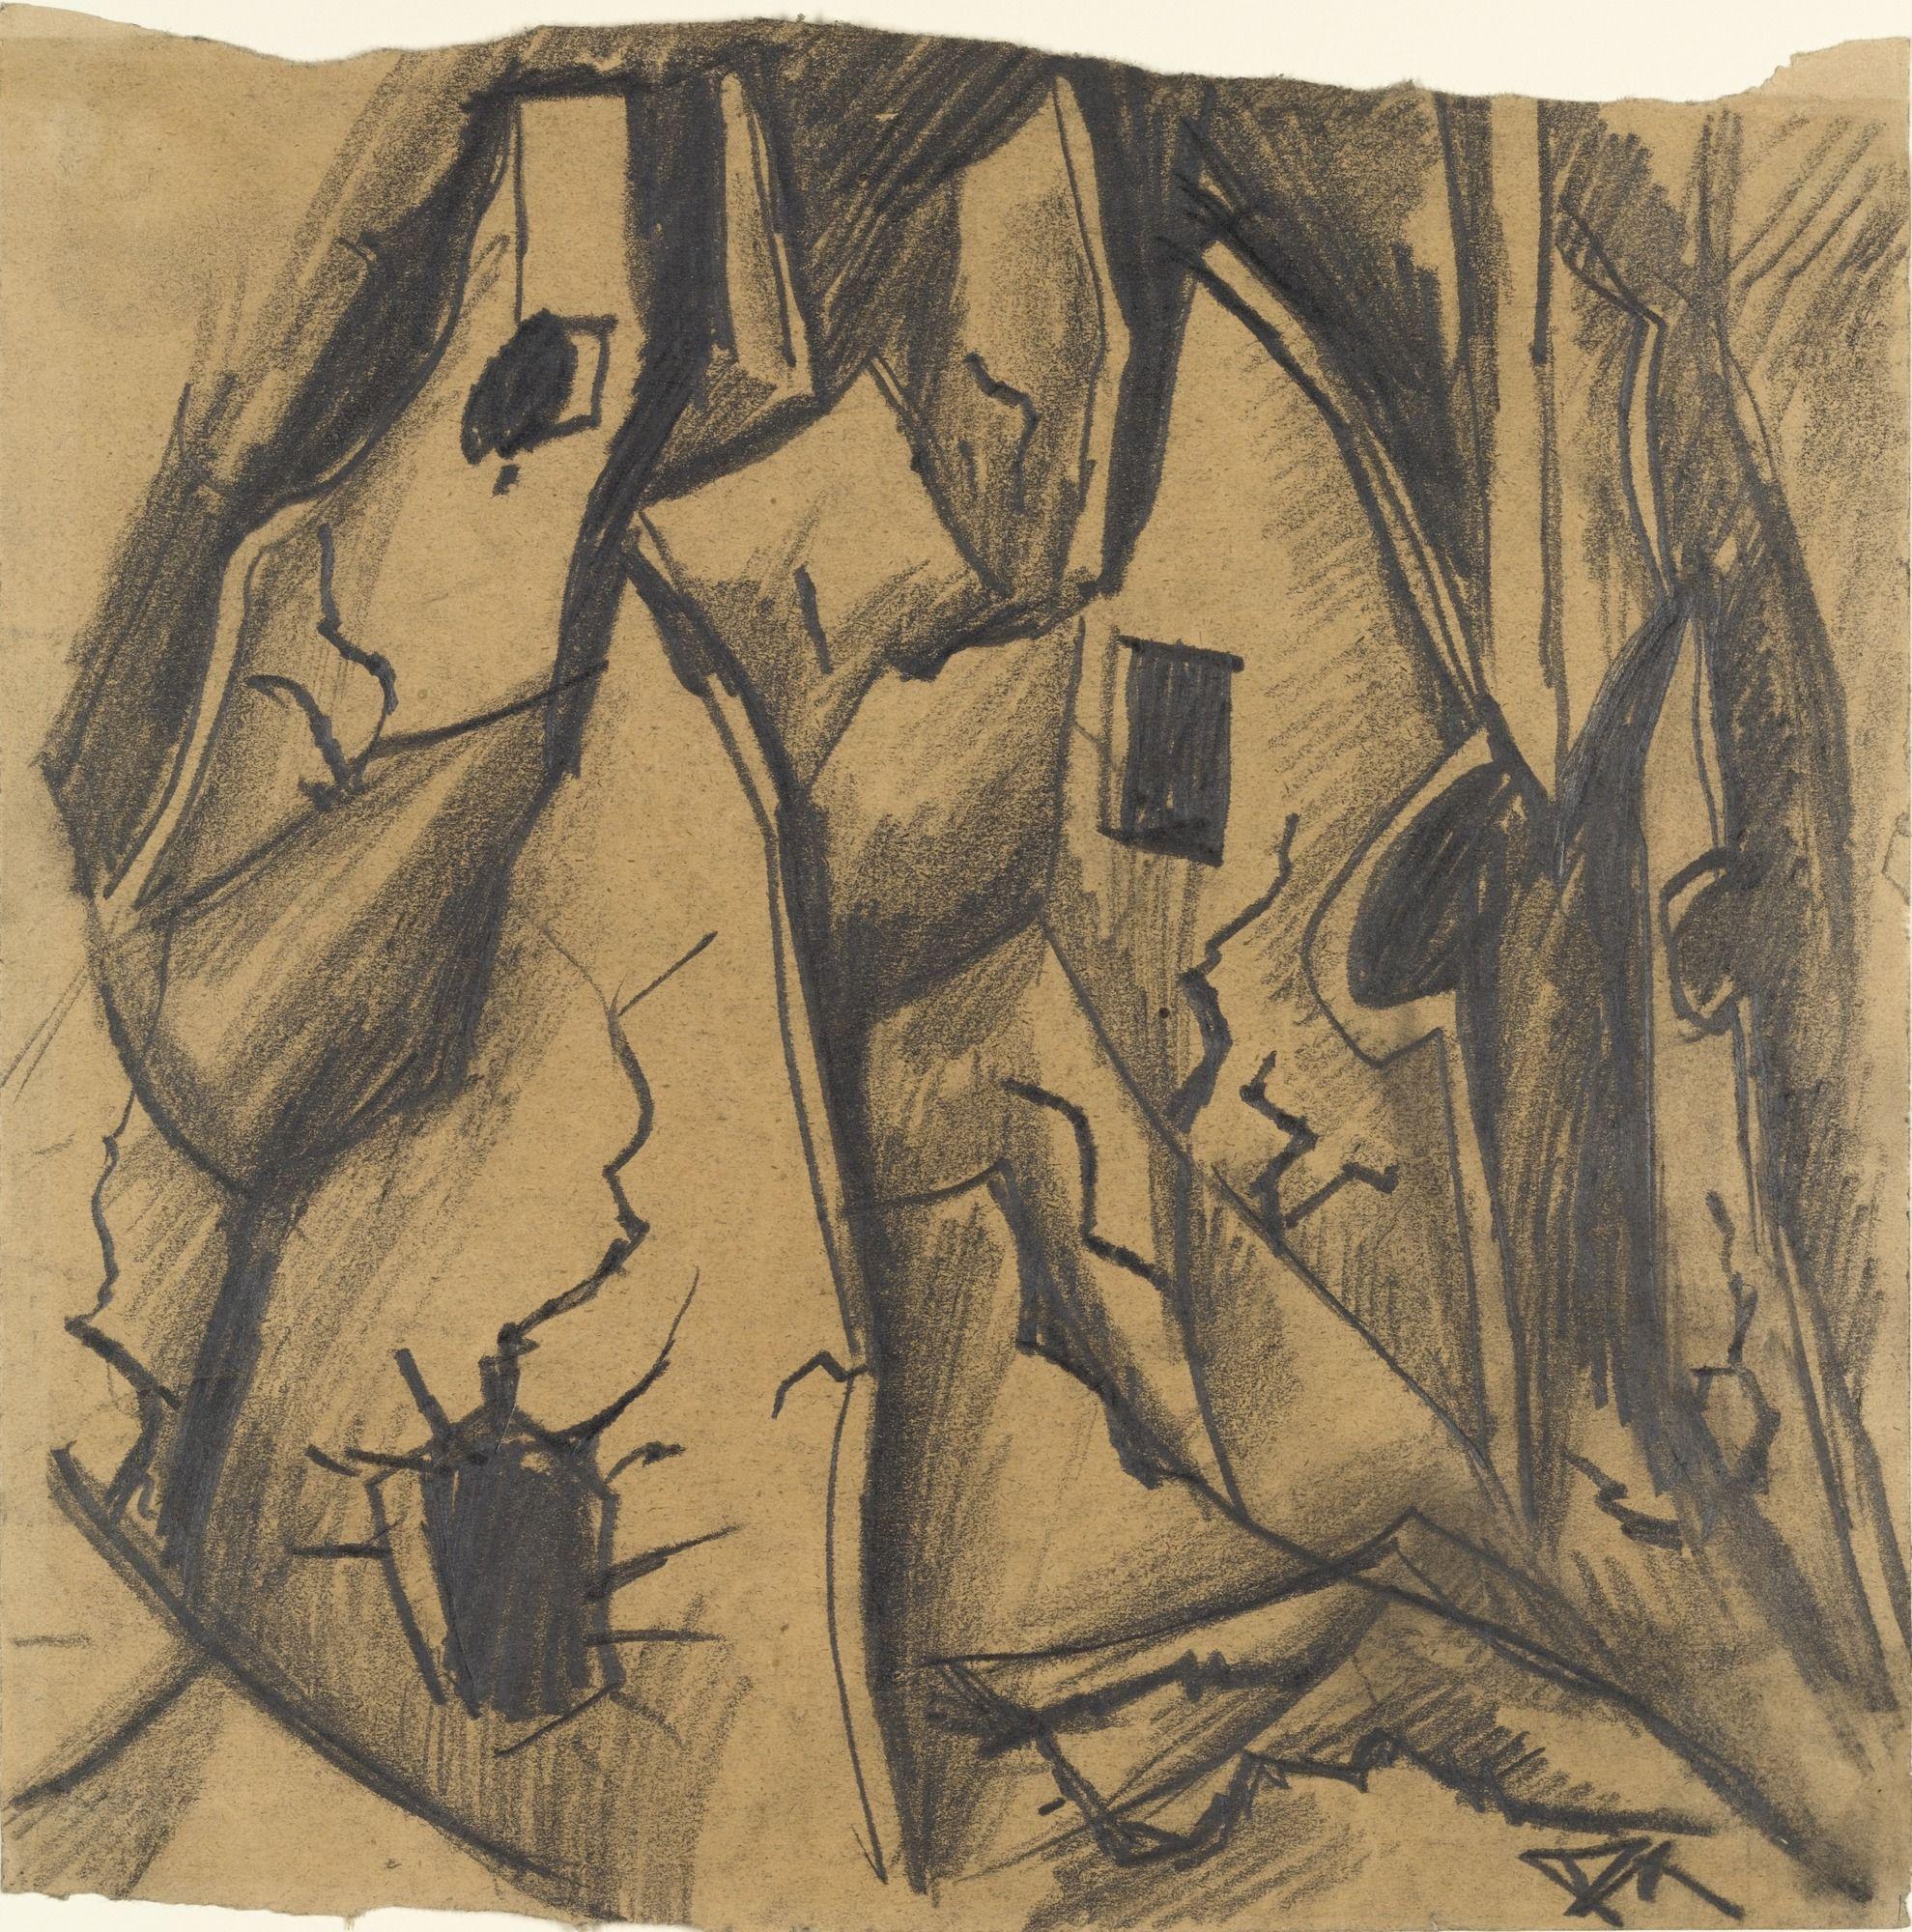 Otto Dix. A Riddled Wall (Zerschossene Mauern). (1916)